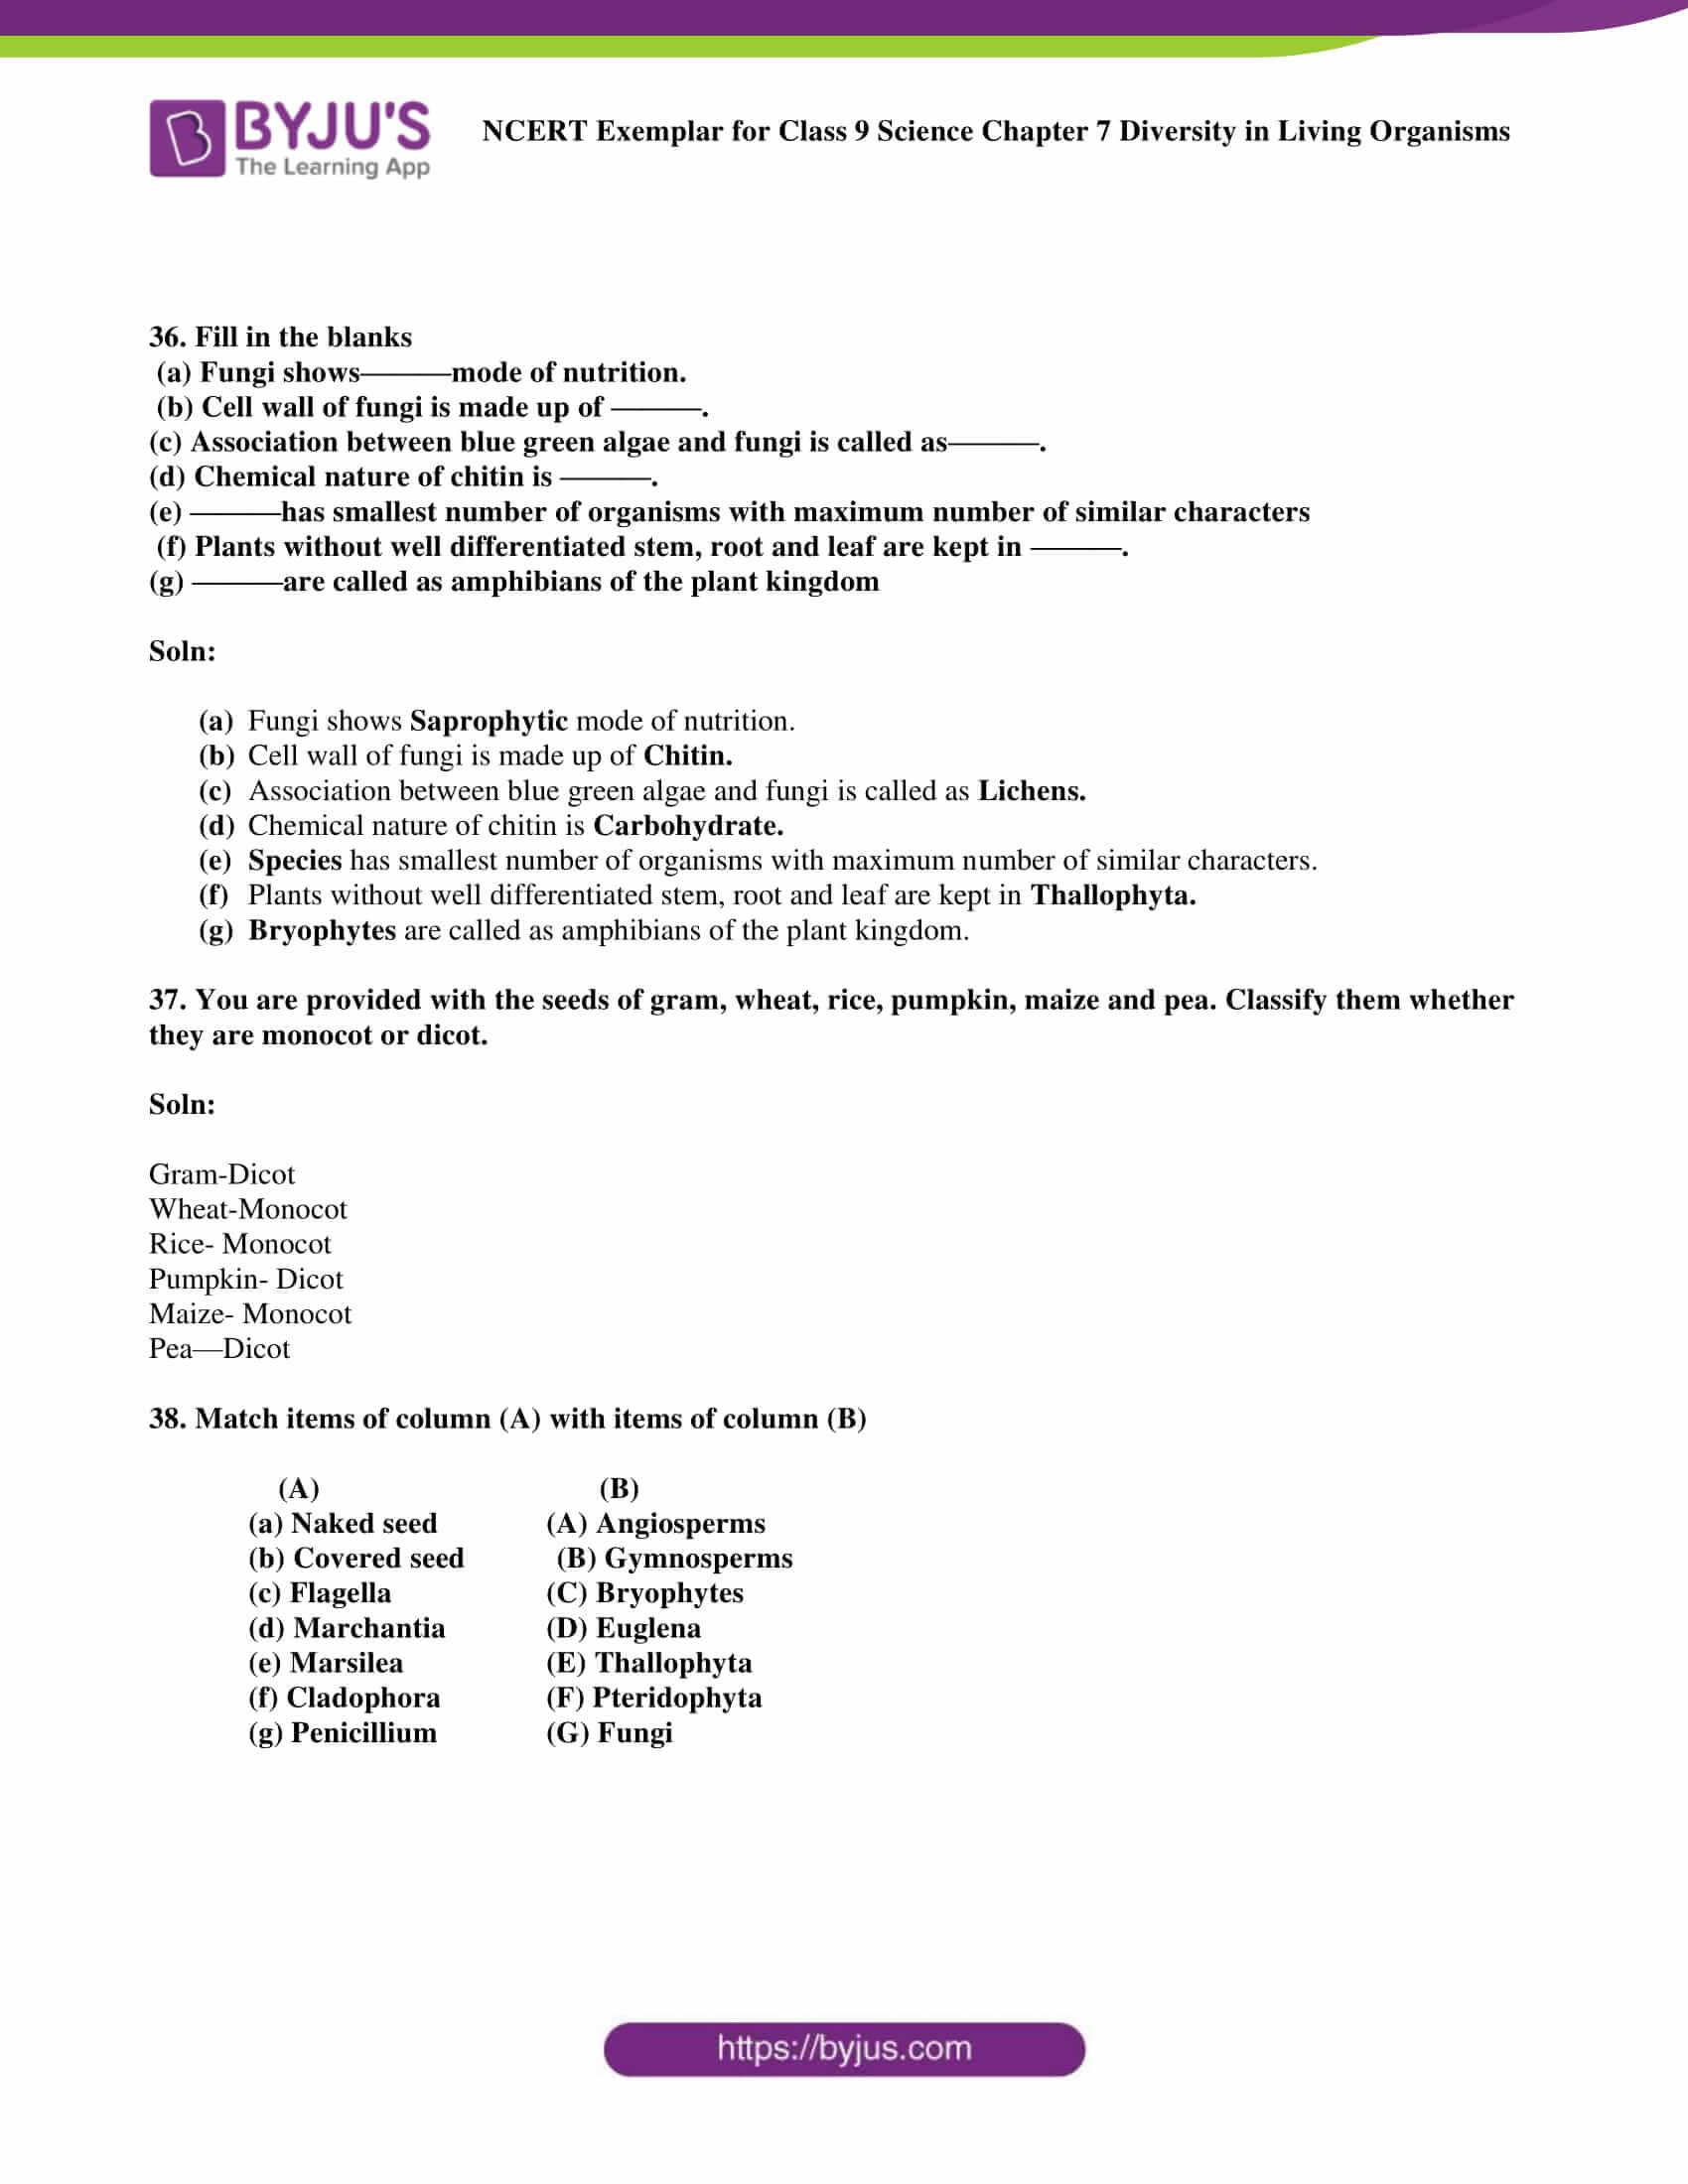 NCERT Exemplar solution class 9 science Chapter 7 part 13